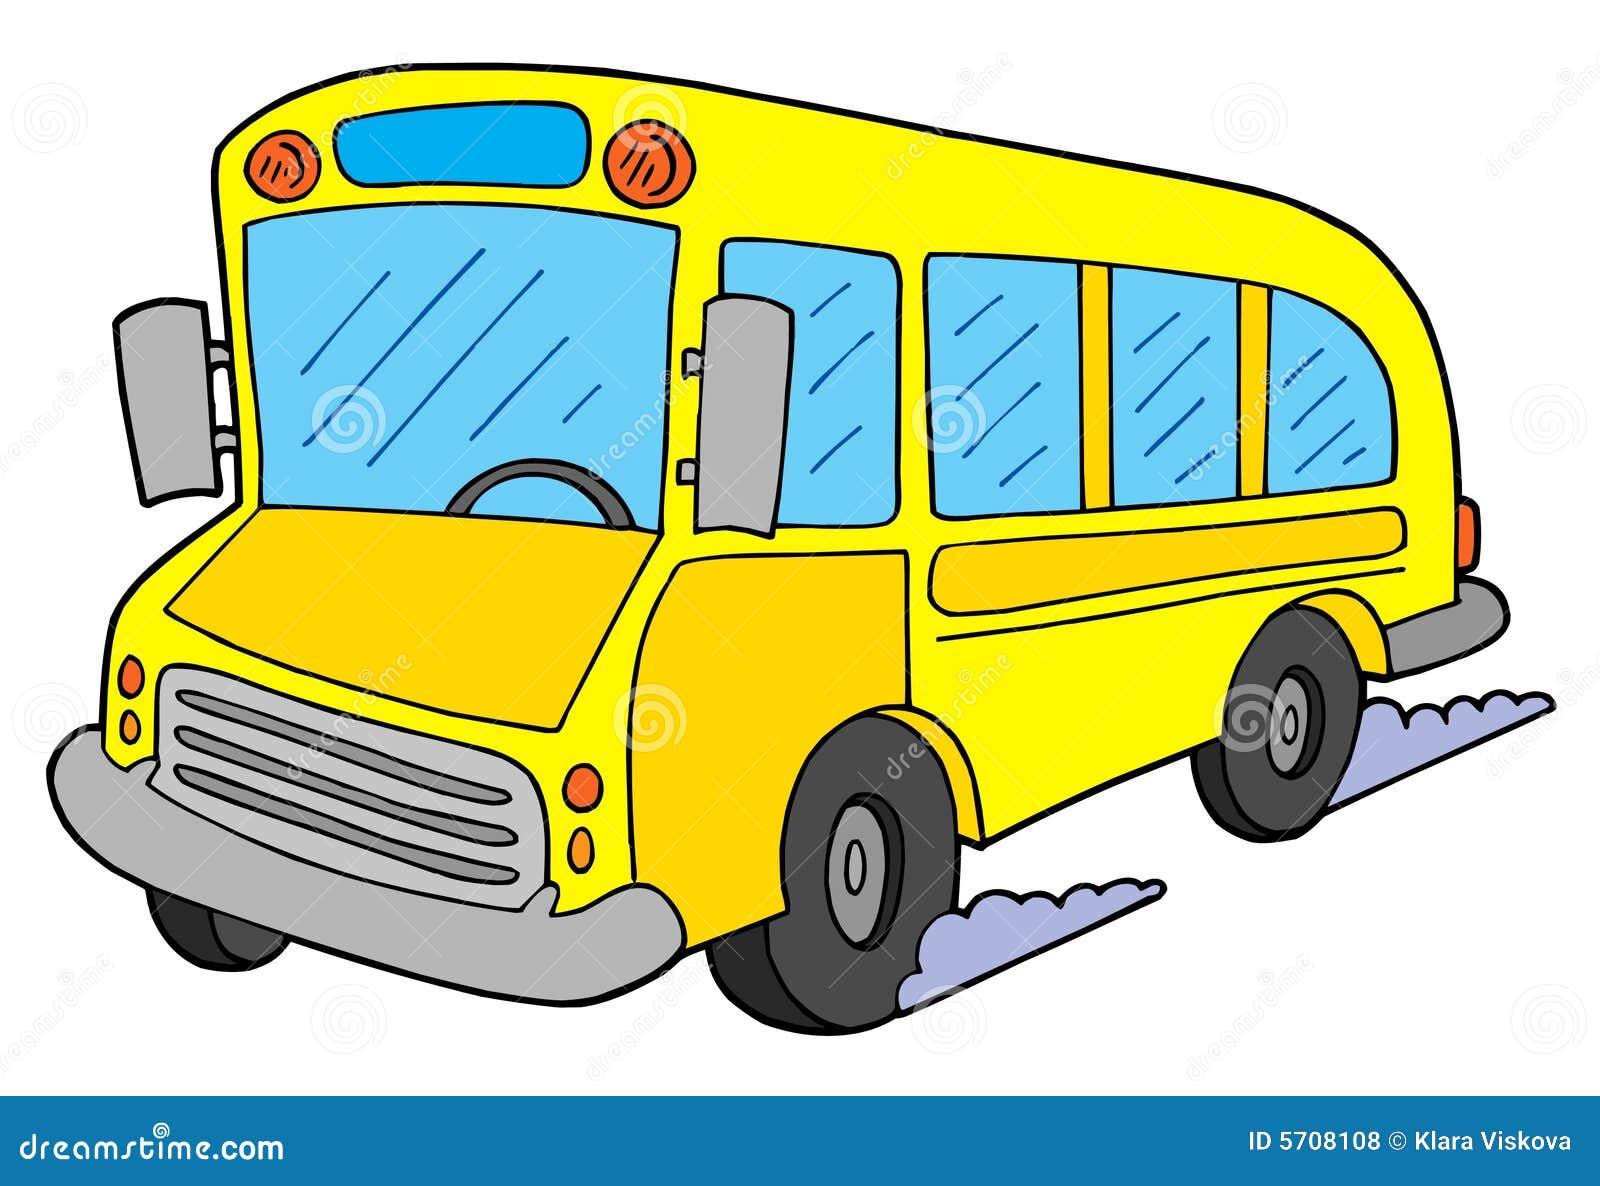 School Bus Vector Illustration | CartoonDealer.com #5708108